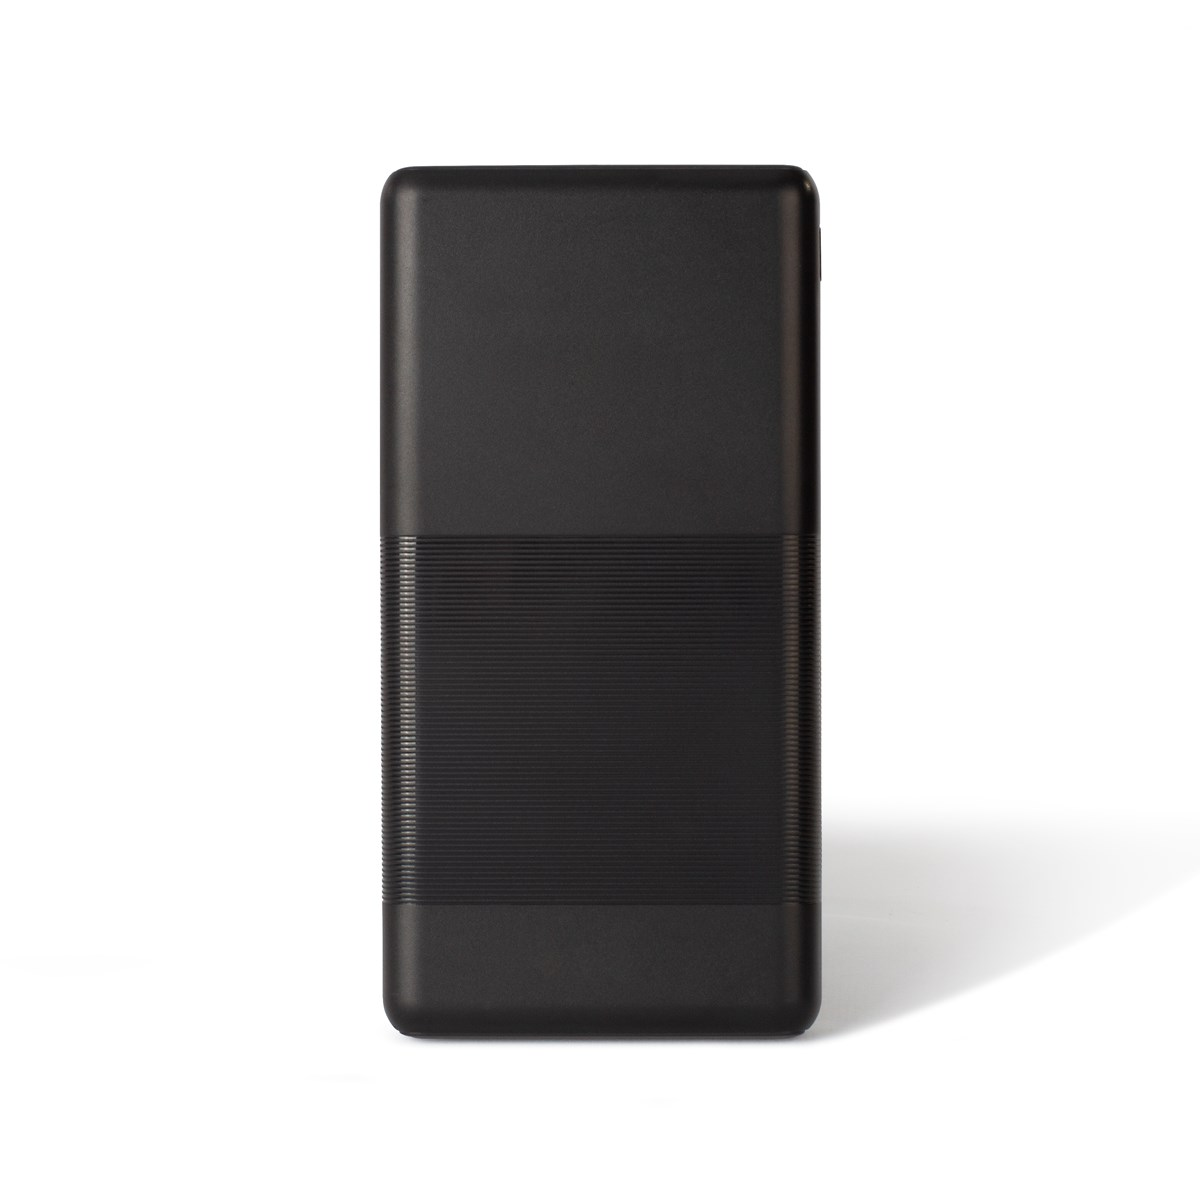 Batterie de secours en abs noir